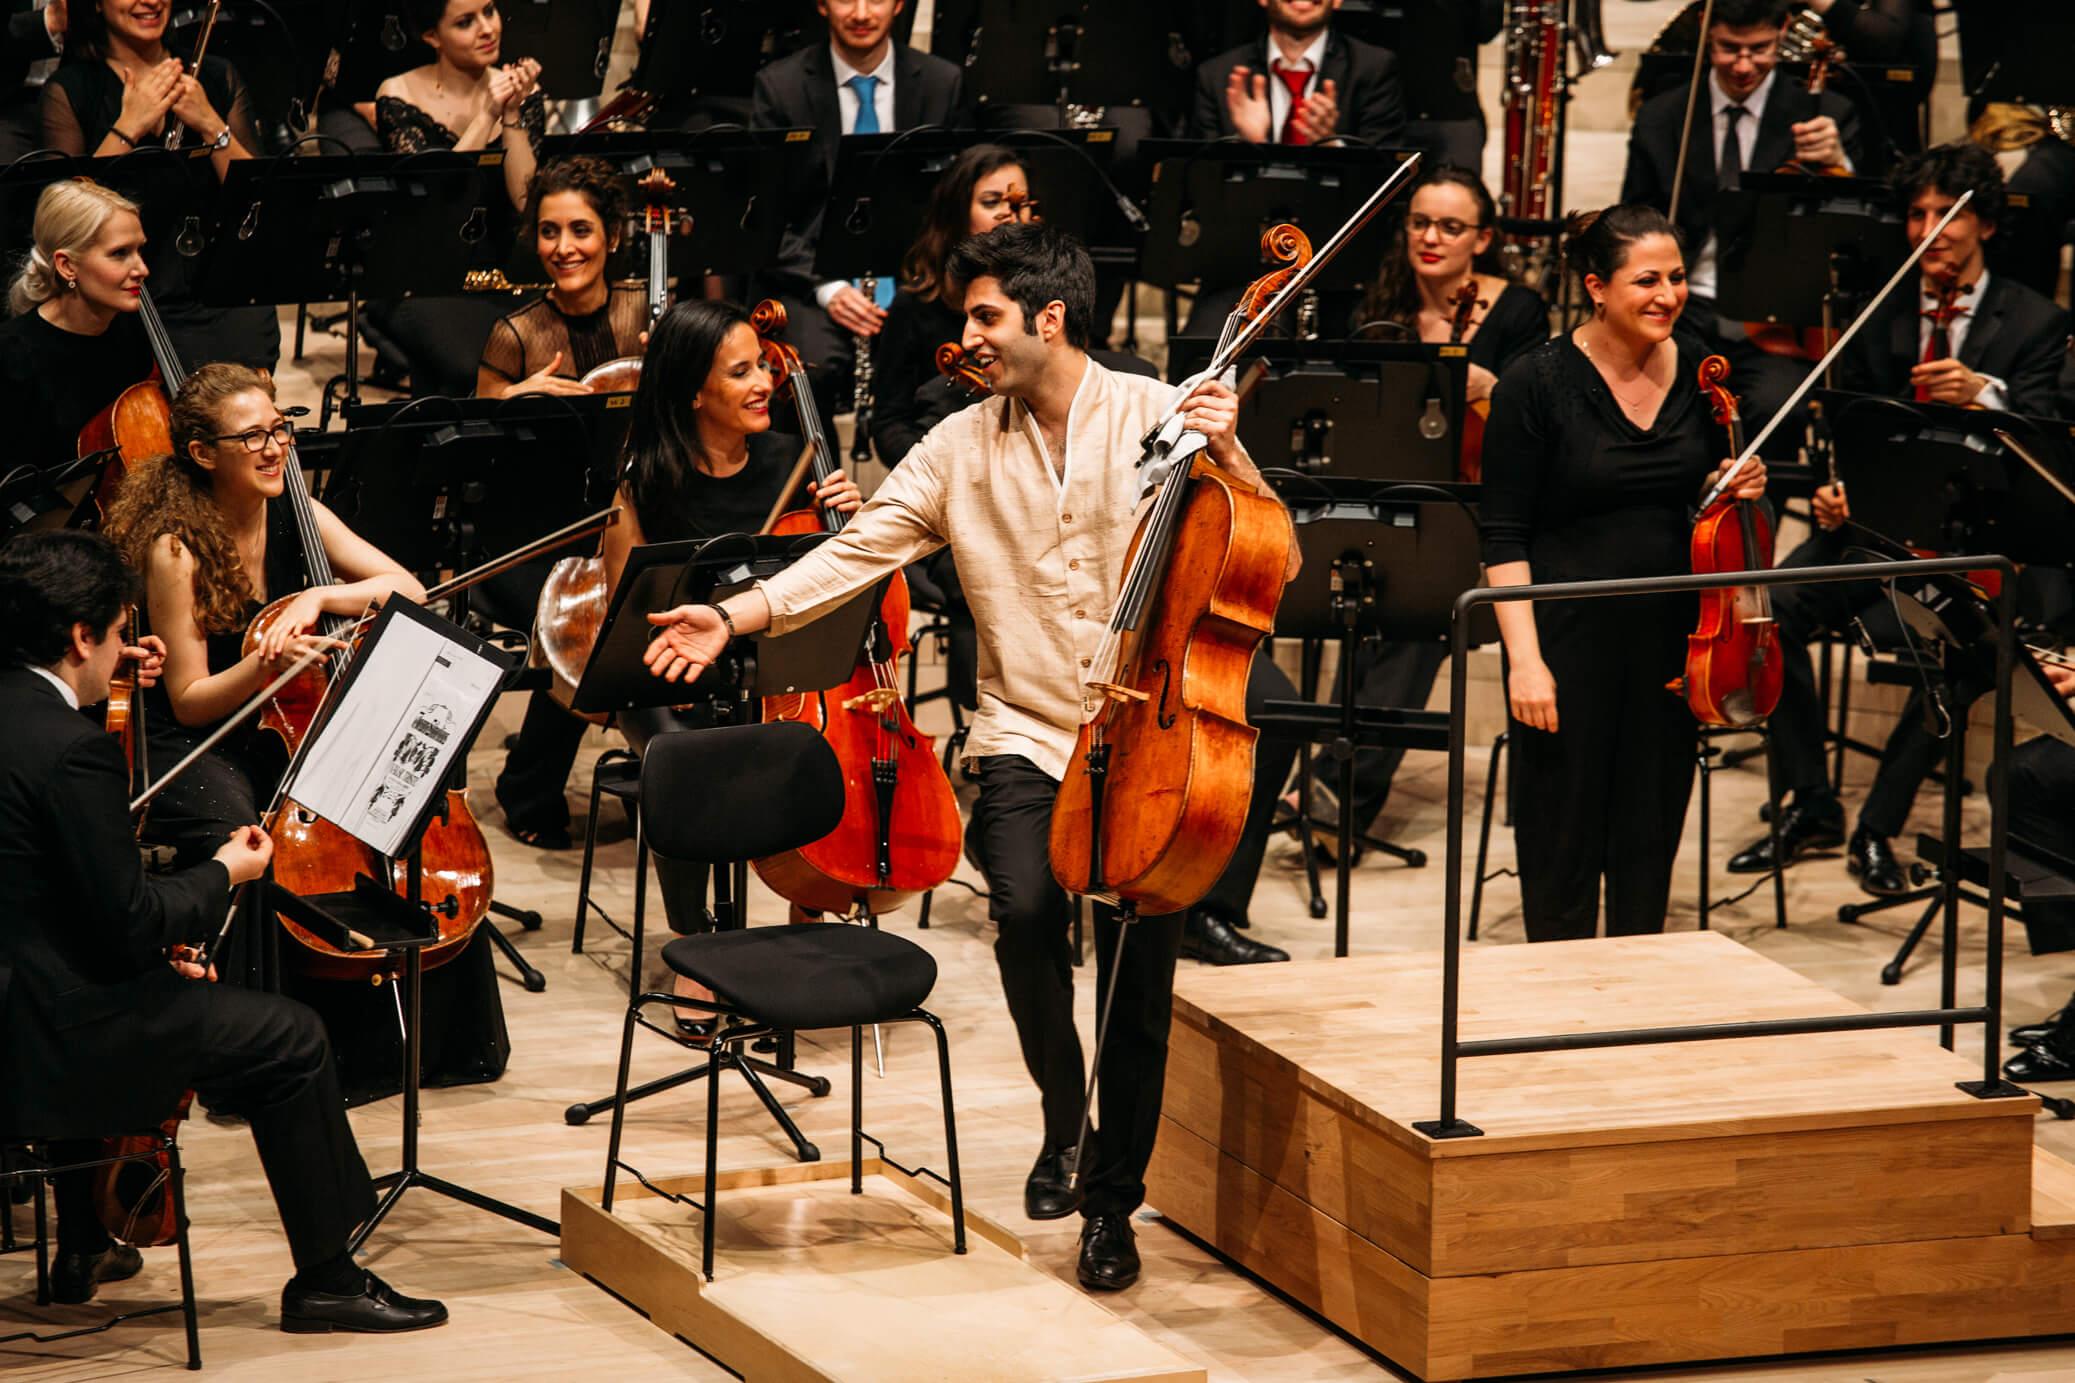 Konzert in der Elbphilharmonie - Städtereise Hamburg